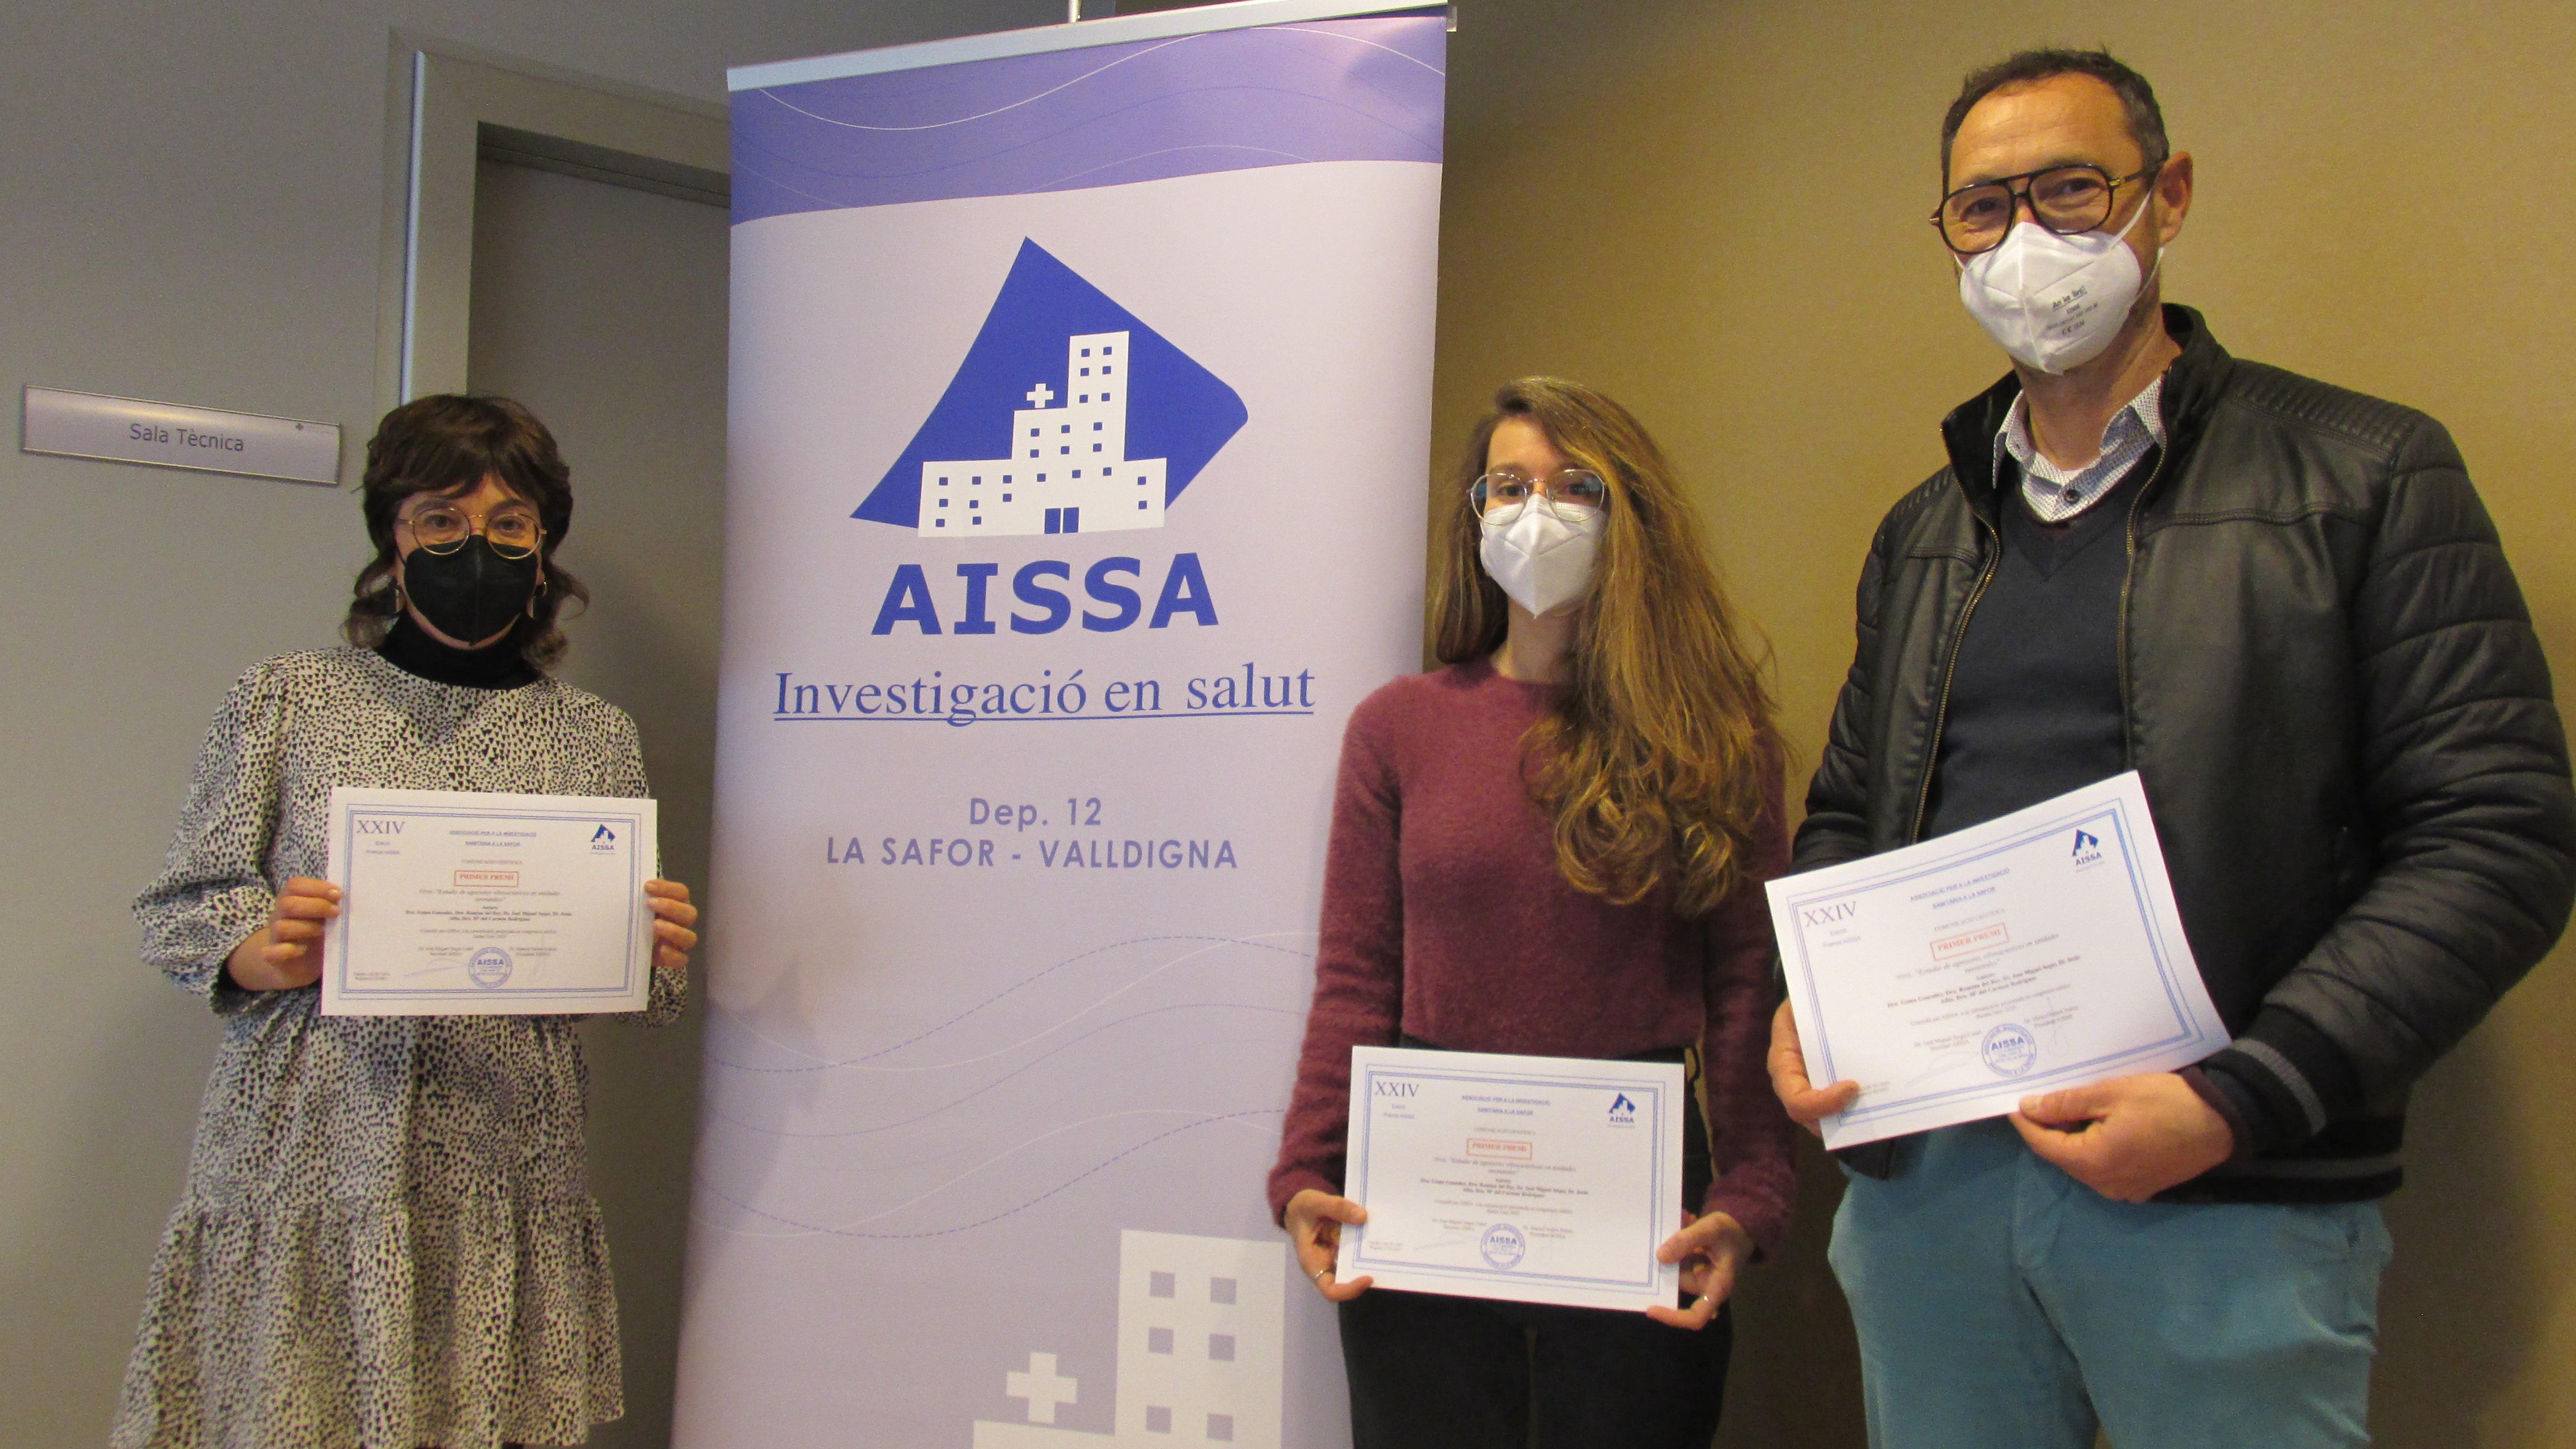 Trabajo de investigación premiado por la Fundación AISSA